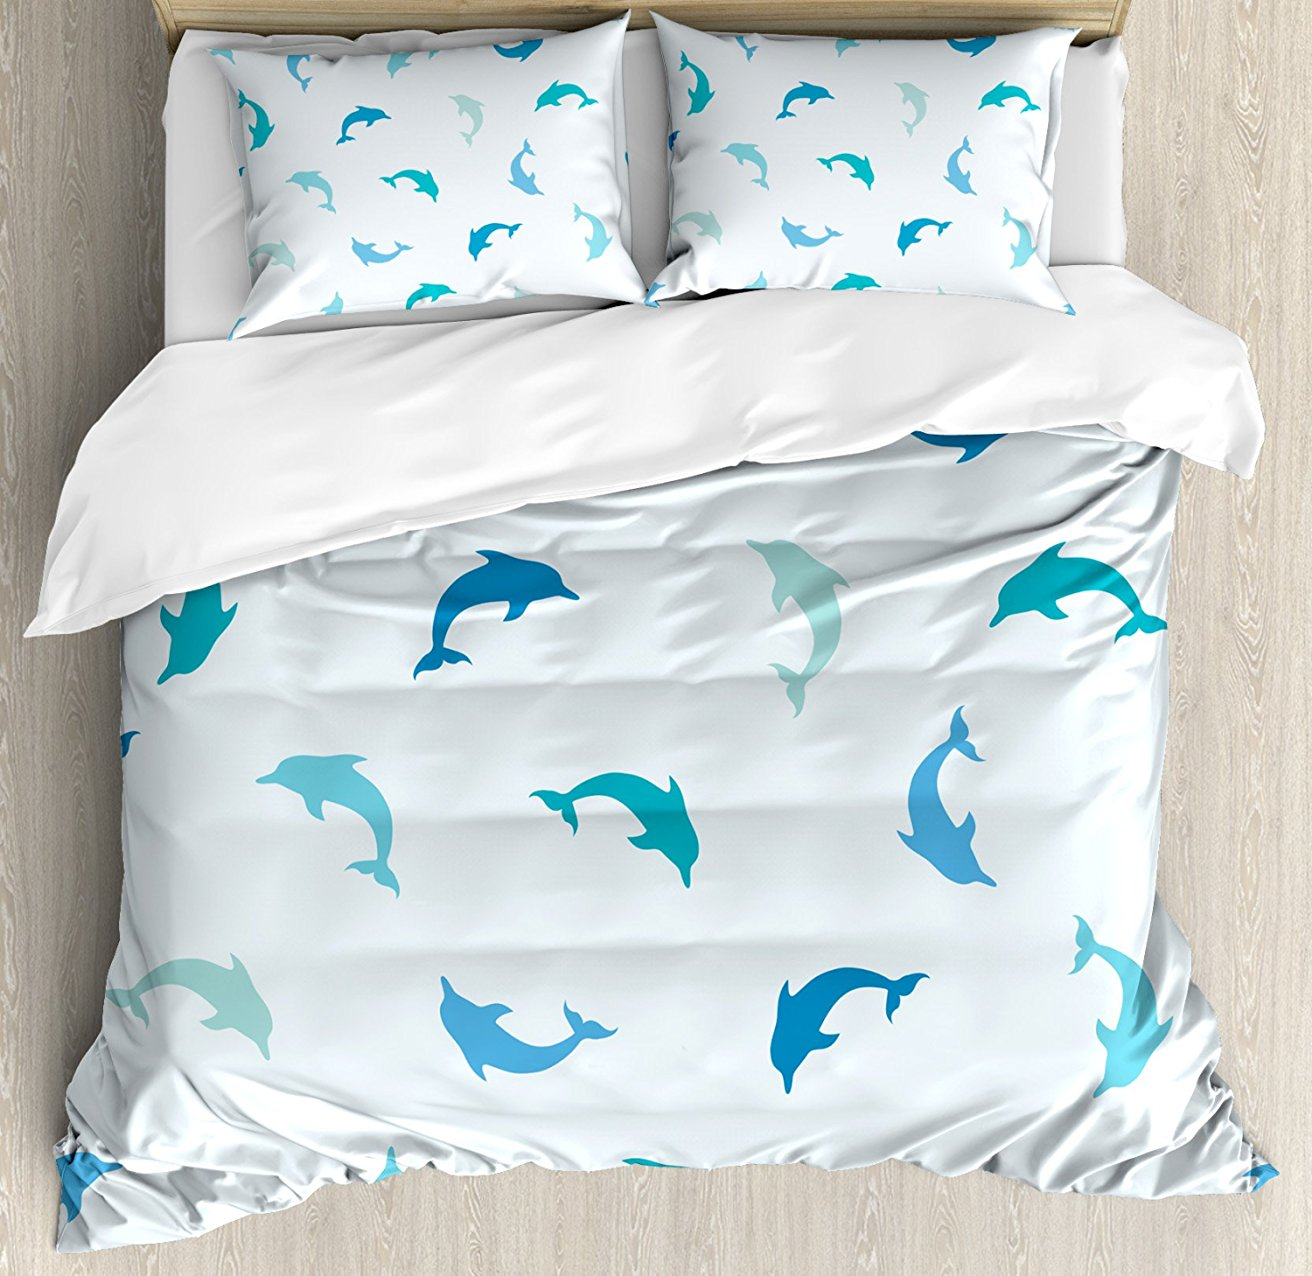 Море Животные Декор постельное белье прыгали и играть Дельфин цифры водных животных Морская тема 4 шт. Постельное белье